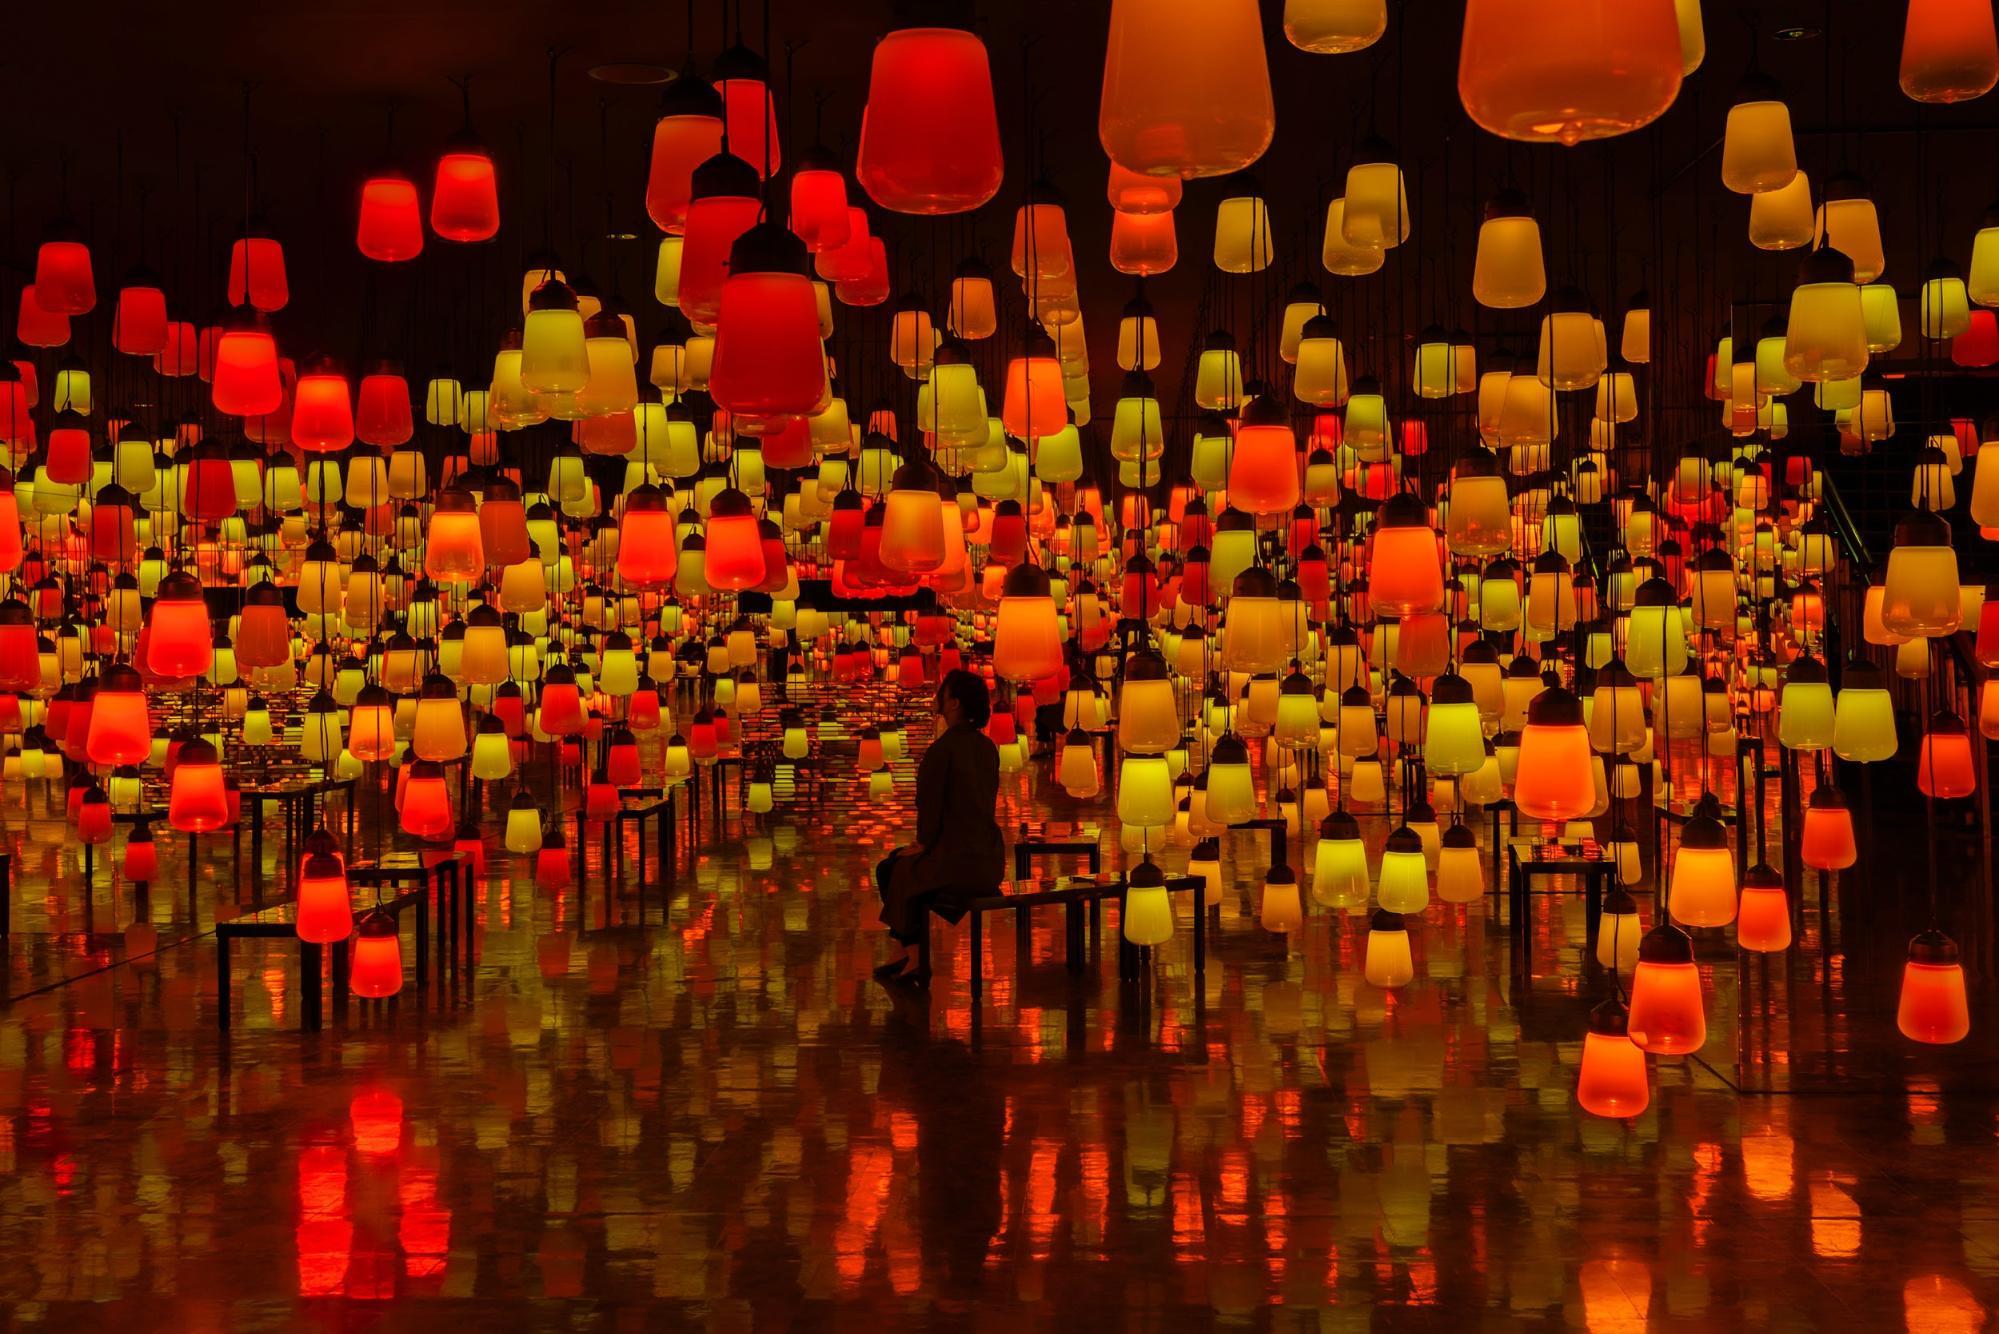 御船山楽園 チームラボ 秋アート展 teamLab autumn art exhibiiton teamLab 秋節 展示